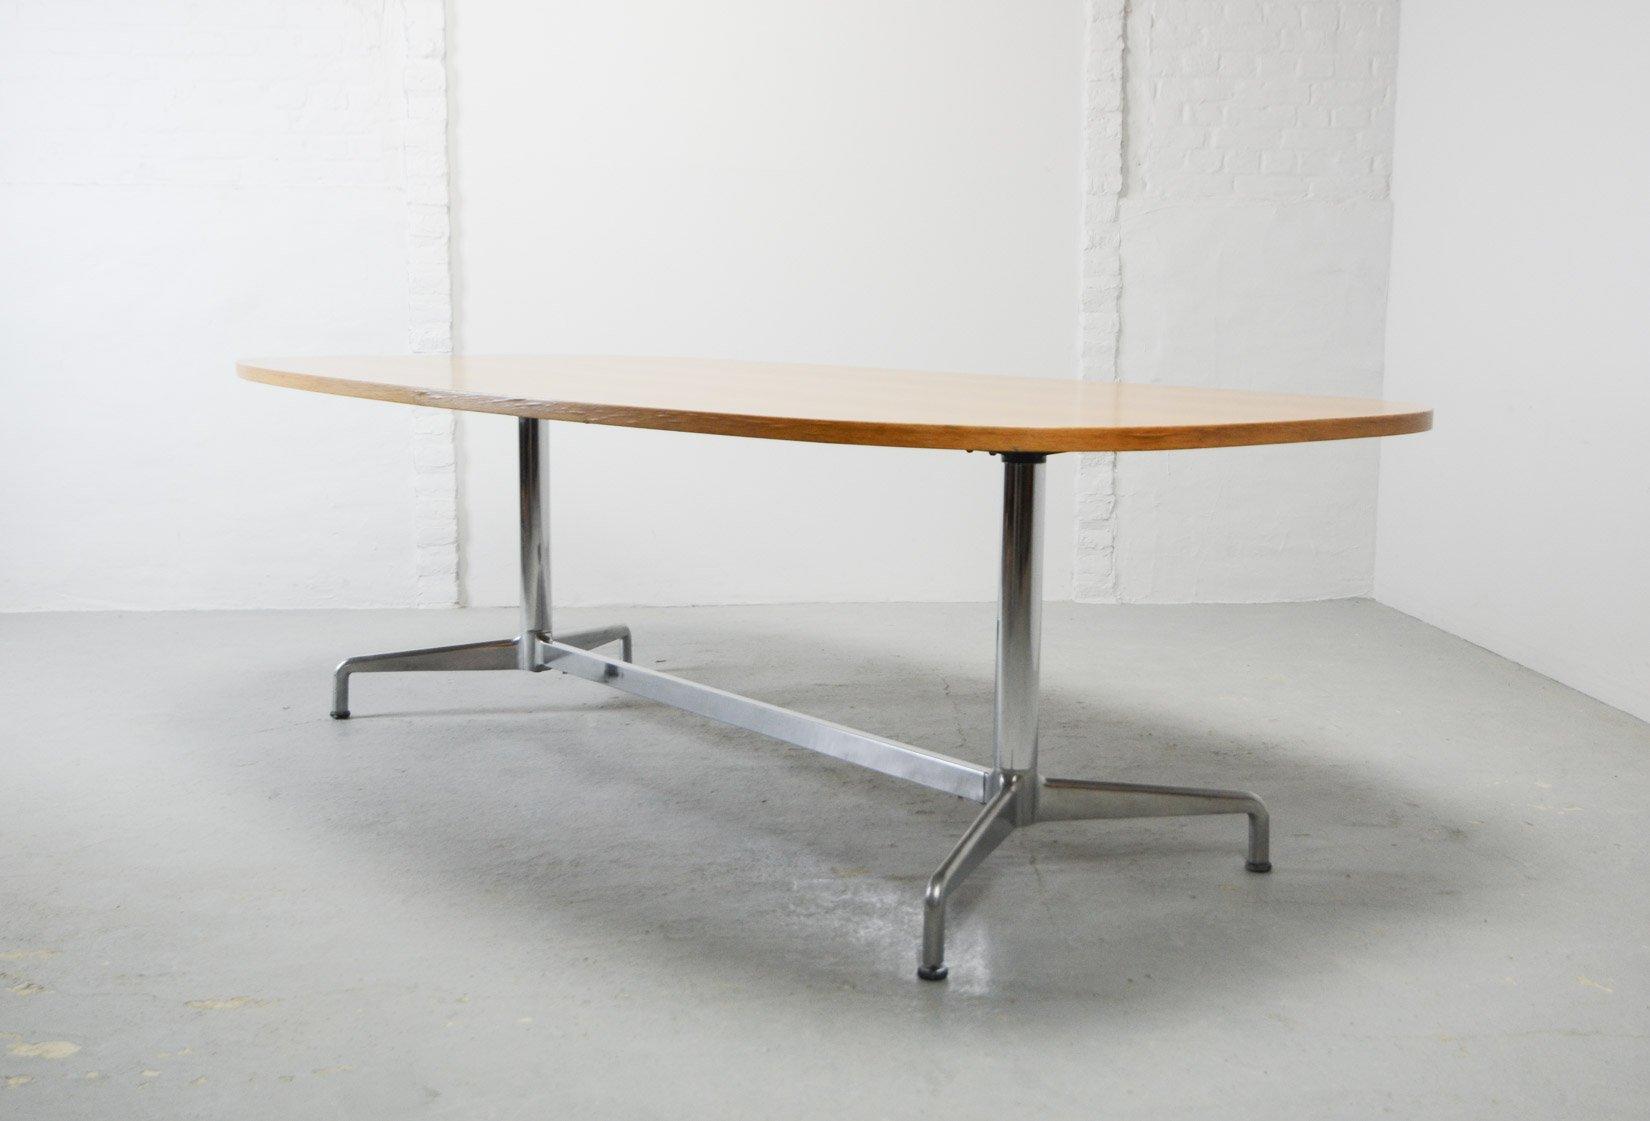 grande table de conf rence mid century en bois par charles. Black Bedroom Furniture Sets. Home Design Ideas